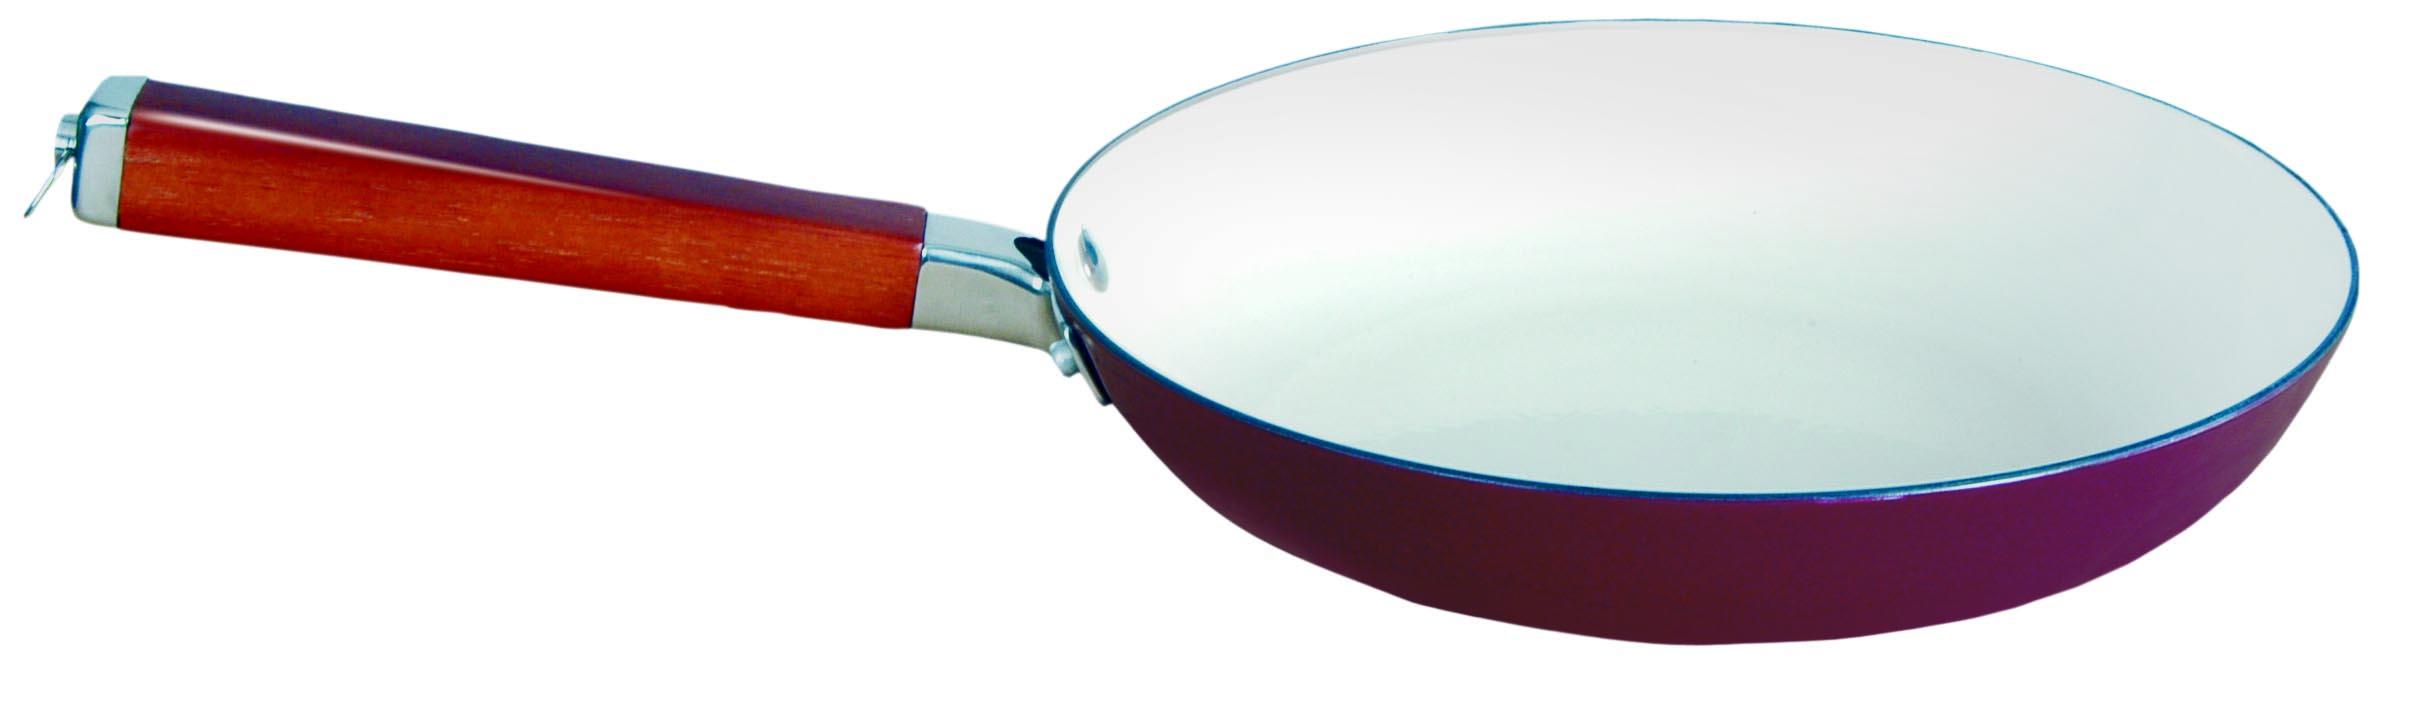 Сковорода Winner, чугунная, цвет: бордо. Диаметр 24 смWR-6201Сковорода Winner выполнена из высококачественного чугуна и внутри и снаружи покрыта эмалью, благодаря которому приобретает уникальные свойства и эксплуатационные характеристики.Сковорода имеет удобную эргономичную ручку, выполненную из сочетания дерева и нержавеющей стали. В процессе приготовления рекомендуется использовать деревянные или пластиковые лопатки. Не используйте металлические губки и острые предметы, чтобы удалить остатки пищи с посуды, а также отбеливатели и моющие средства содержащие хлор. Подходит для использования на индукционной плите. Рекомендована ручная чистка. Характеристики:Материал: чугун, дерево, нержавеющая сталь. Диаметр сковороды: 24 см. Высота стенки: 5 см. Длина ручки: 19 см. Производитель: Китай. Размер упаковки: 44 см х 25 см х 5 см. Артикул: WR-6201.